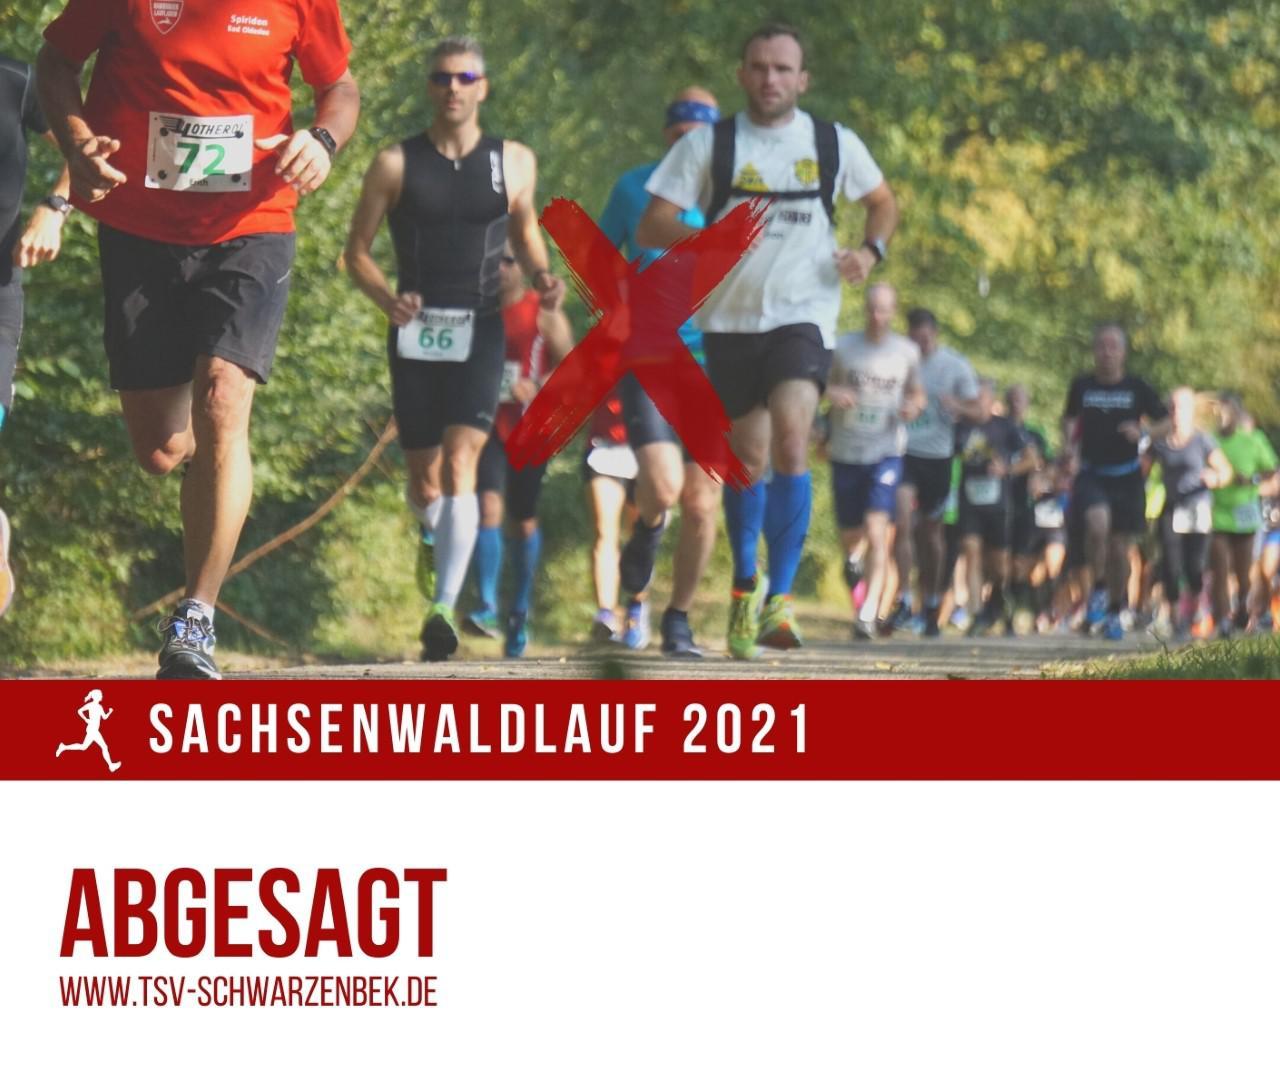 Sachsenwaldlauf 2021 fällt aus